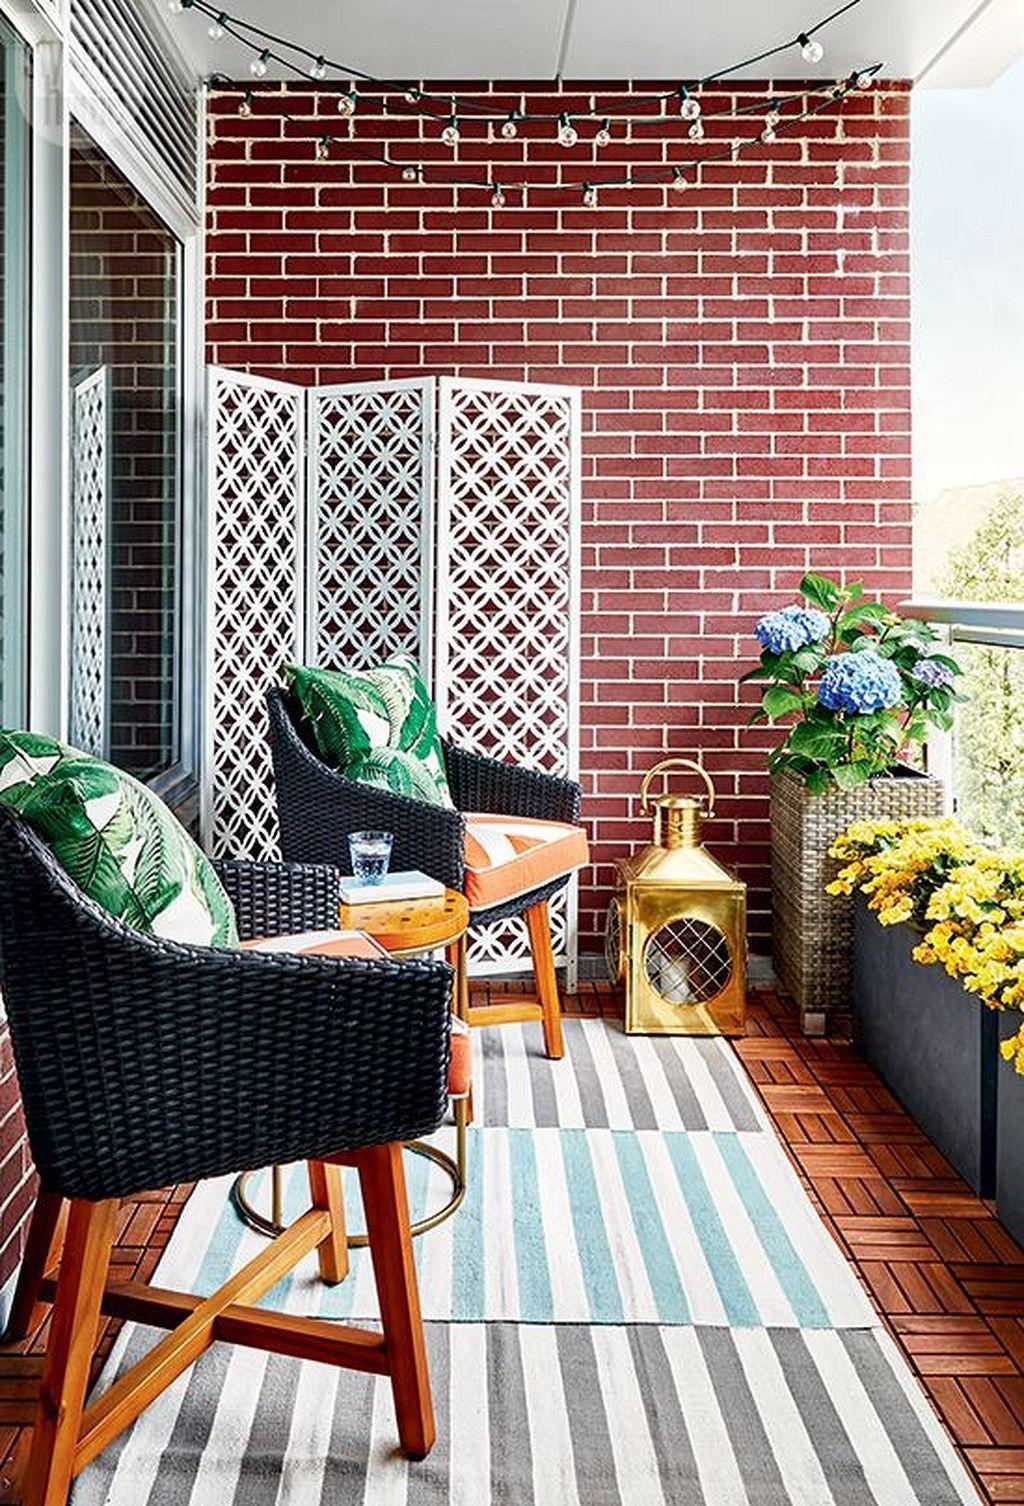 50 Small Apartment Balcony Decor Ideas On A Budget Balcony